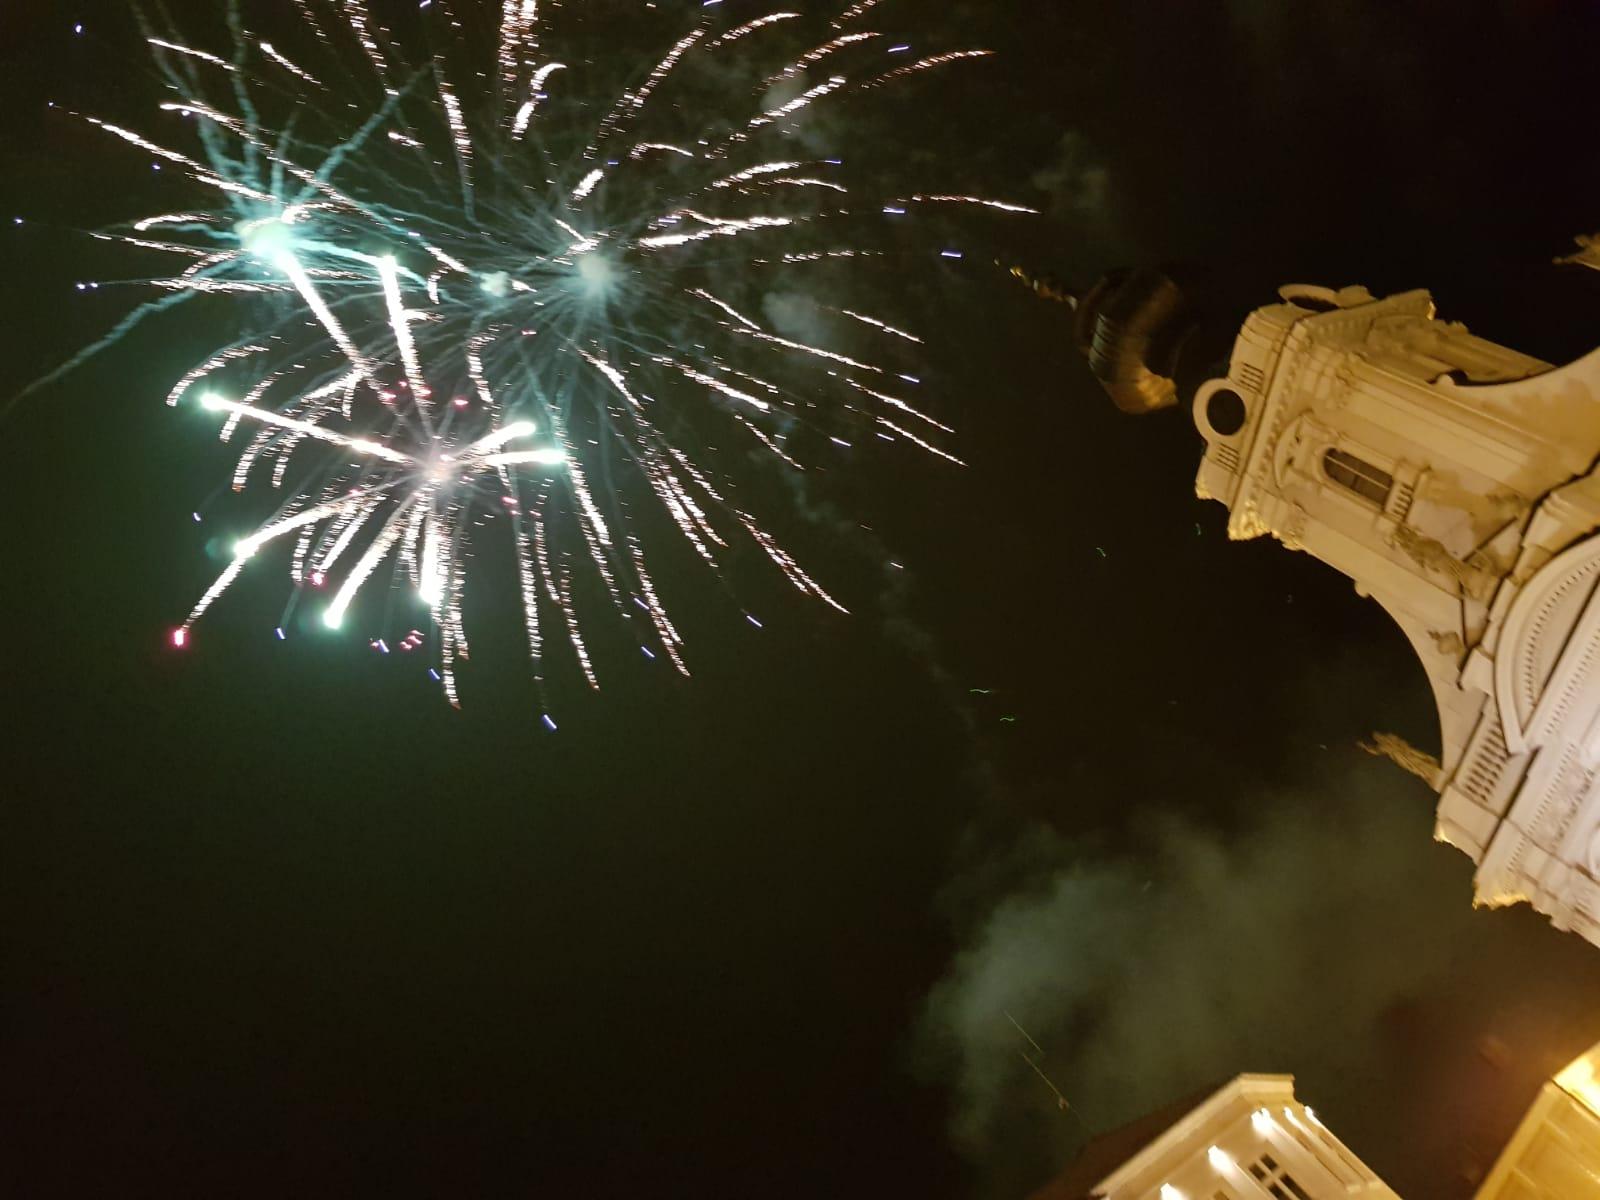 Sylwestrowy pokaz fajerwerków na rynku [FOTO]